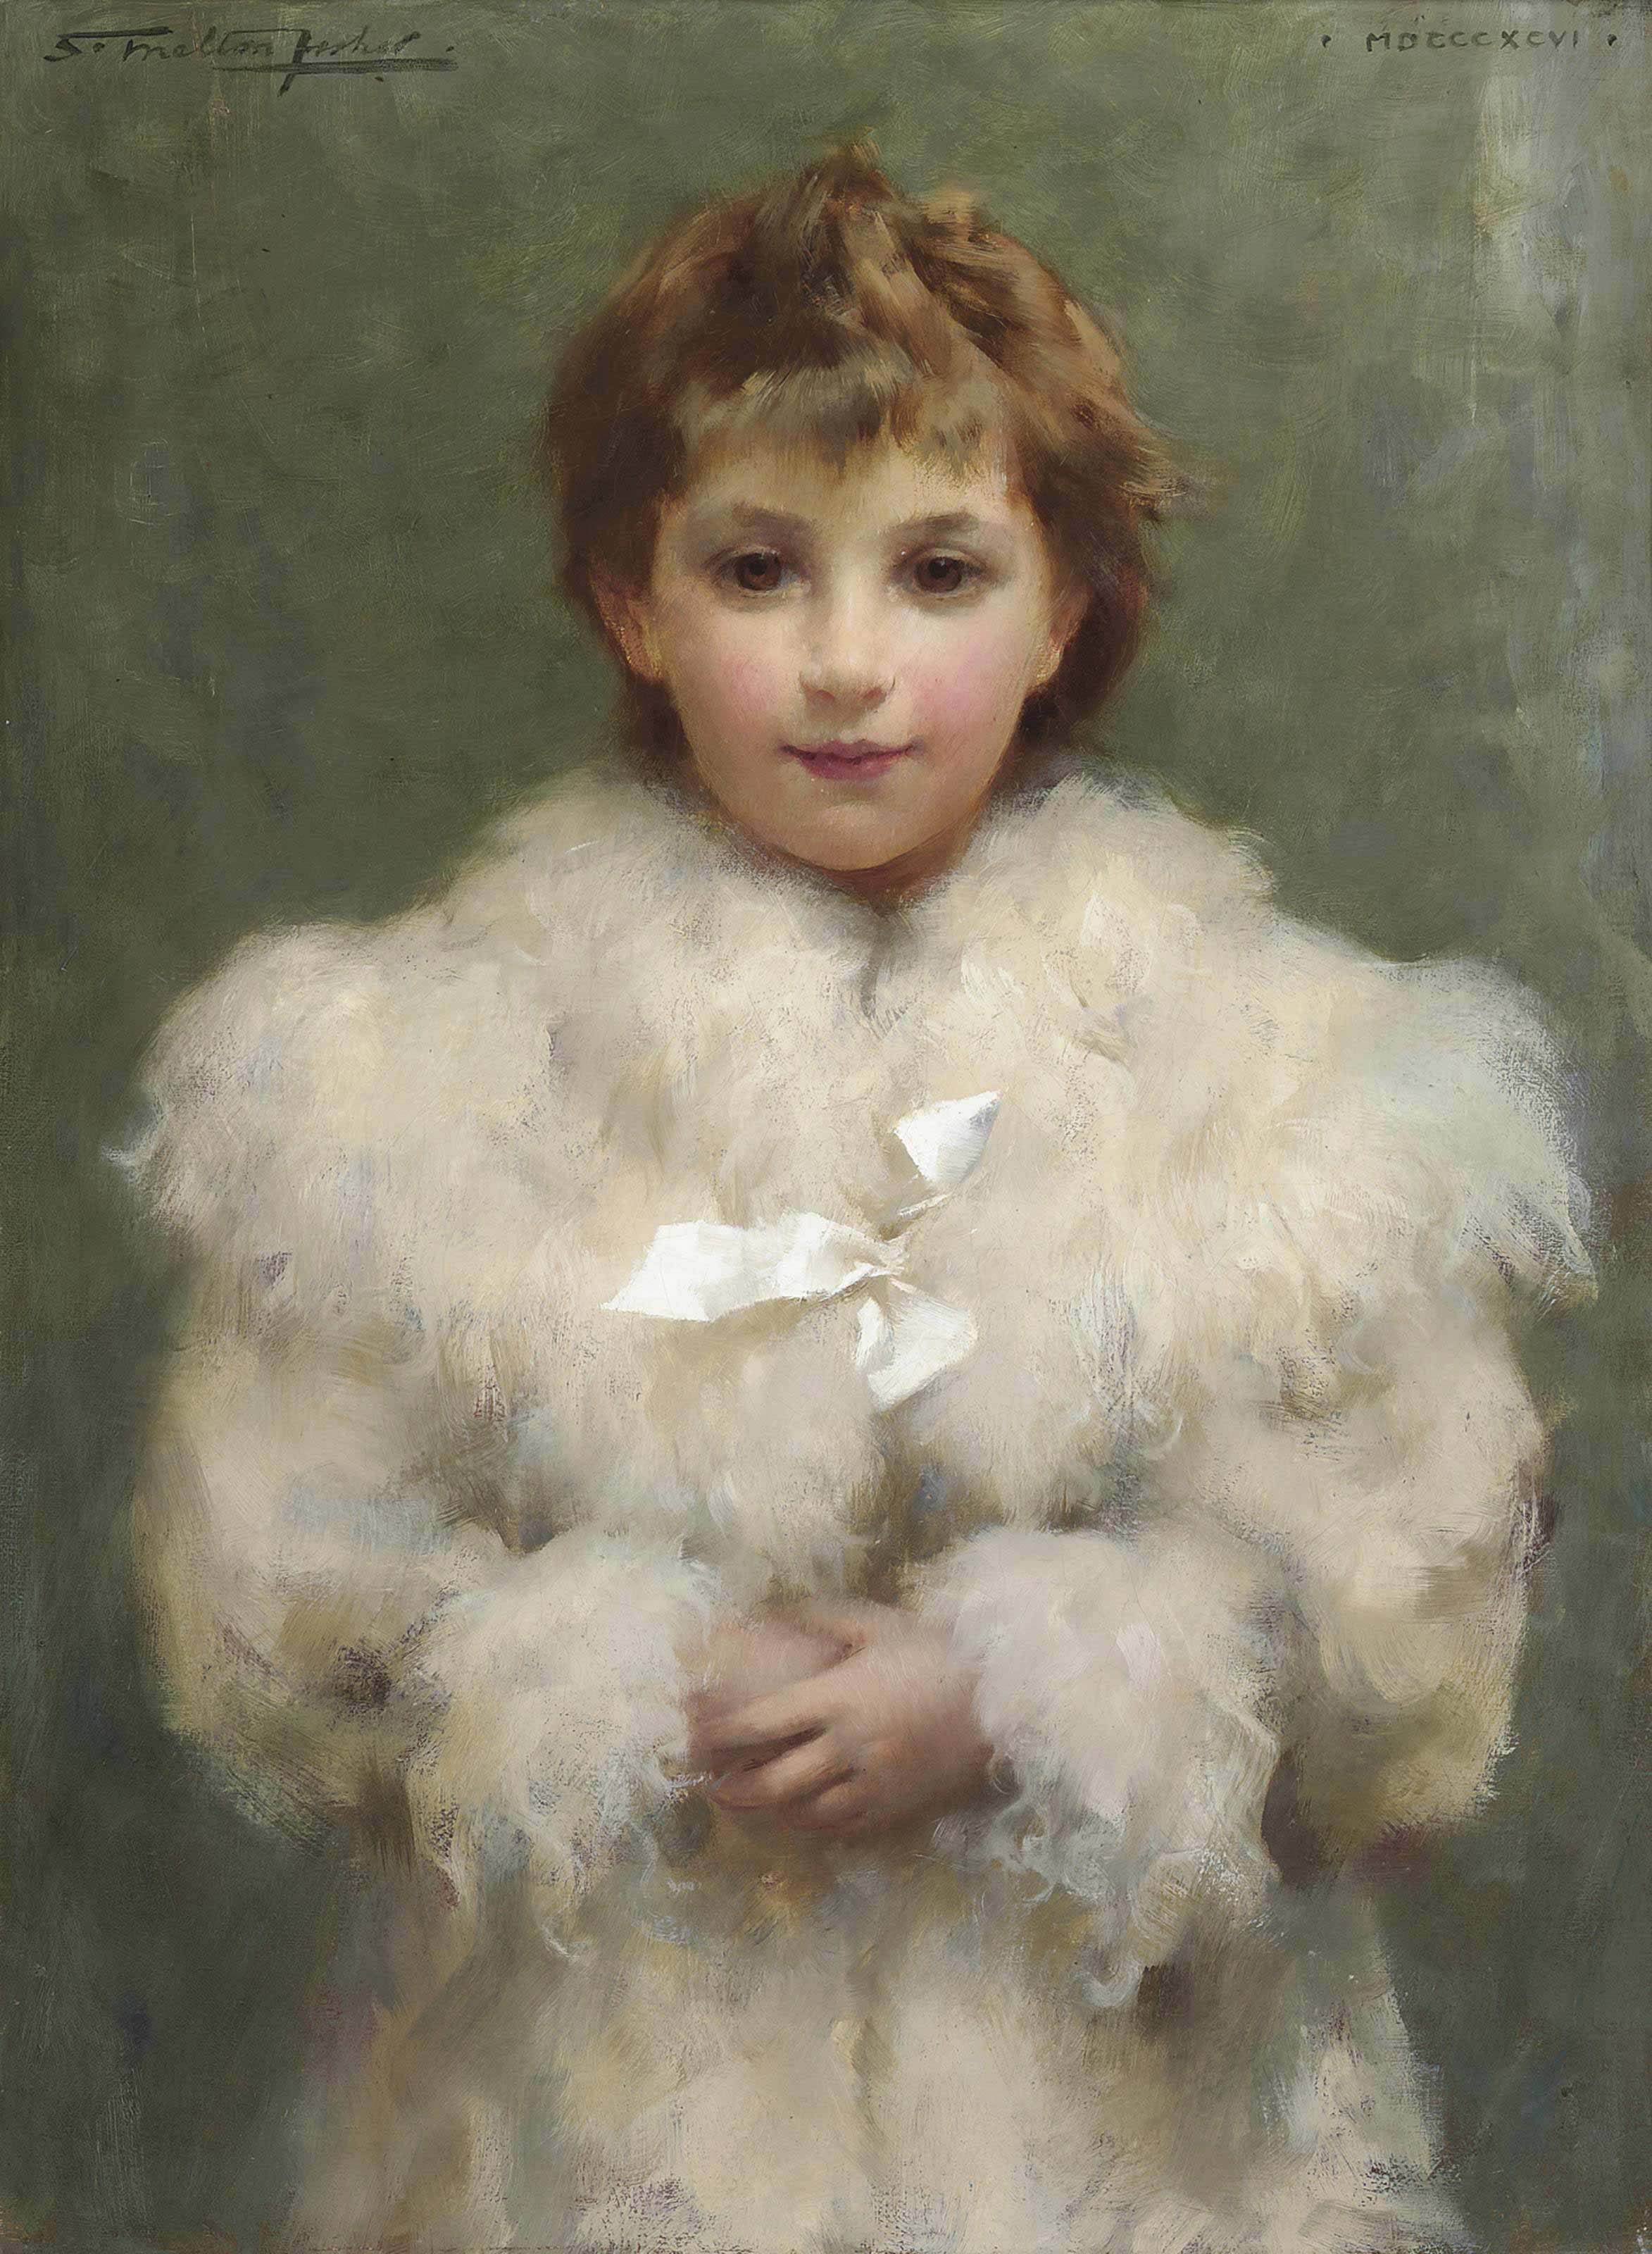 Samuel Melton Fisher (1860-193